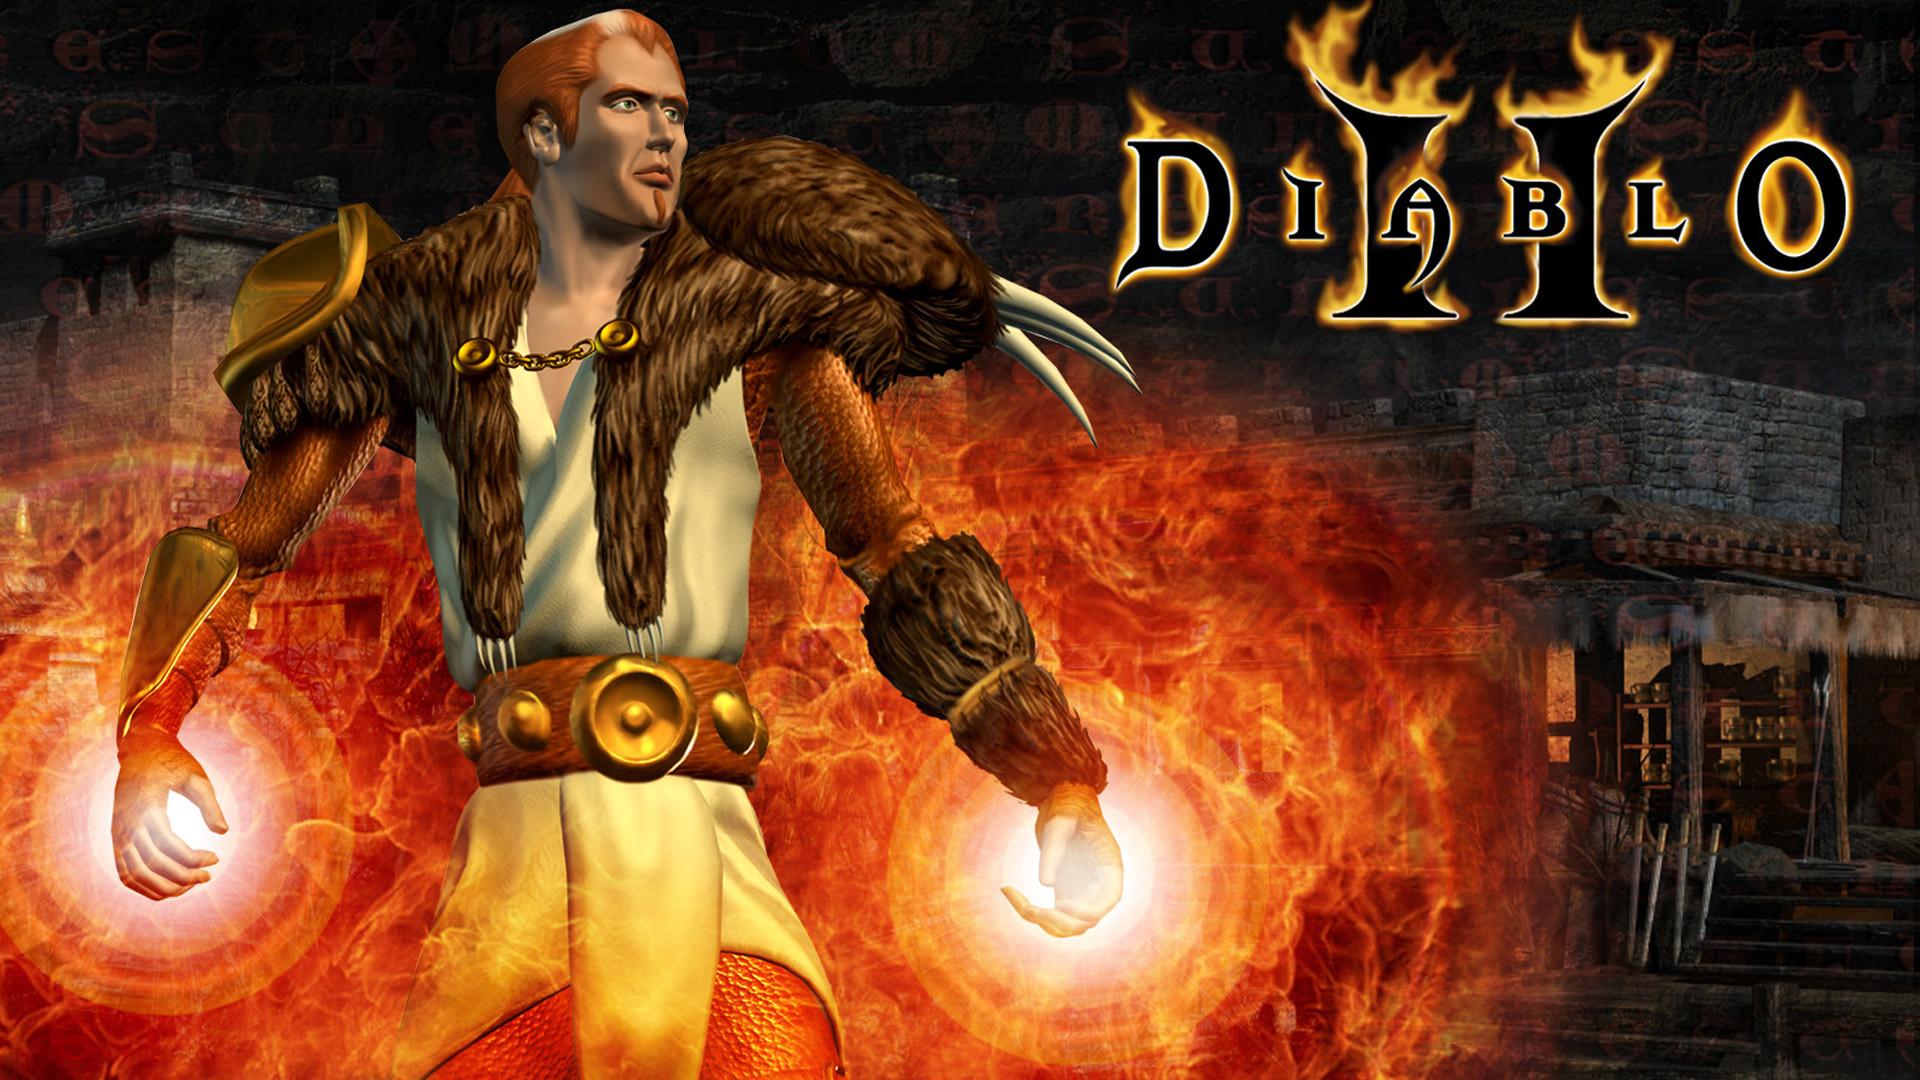 Free Diablo II Wallpaper in 1920×1080